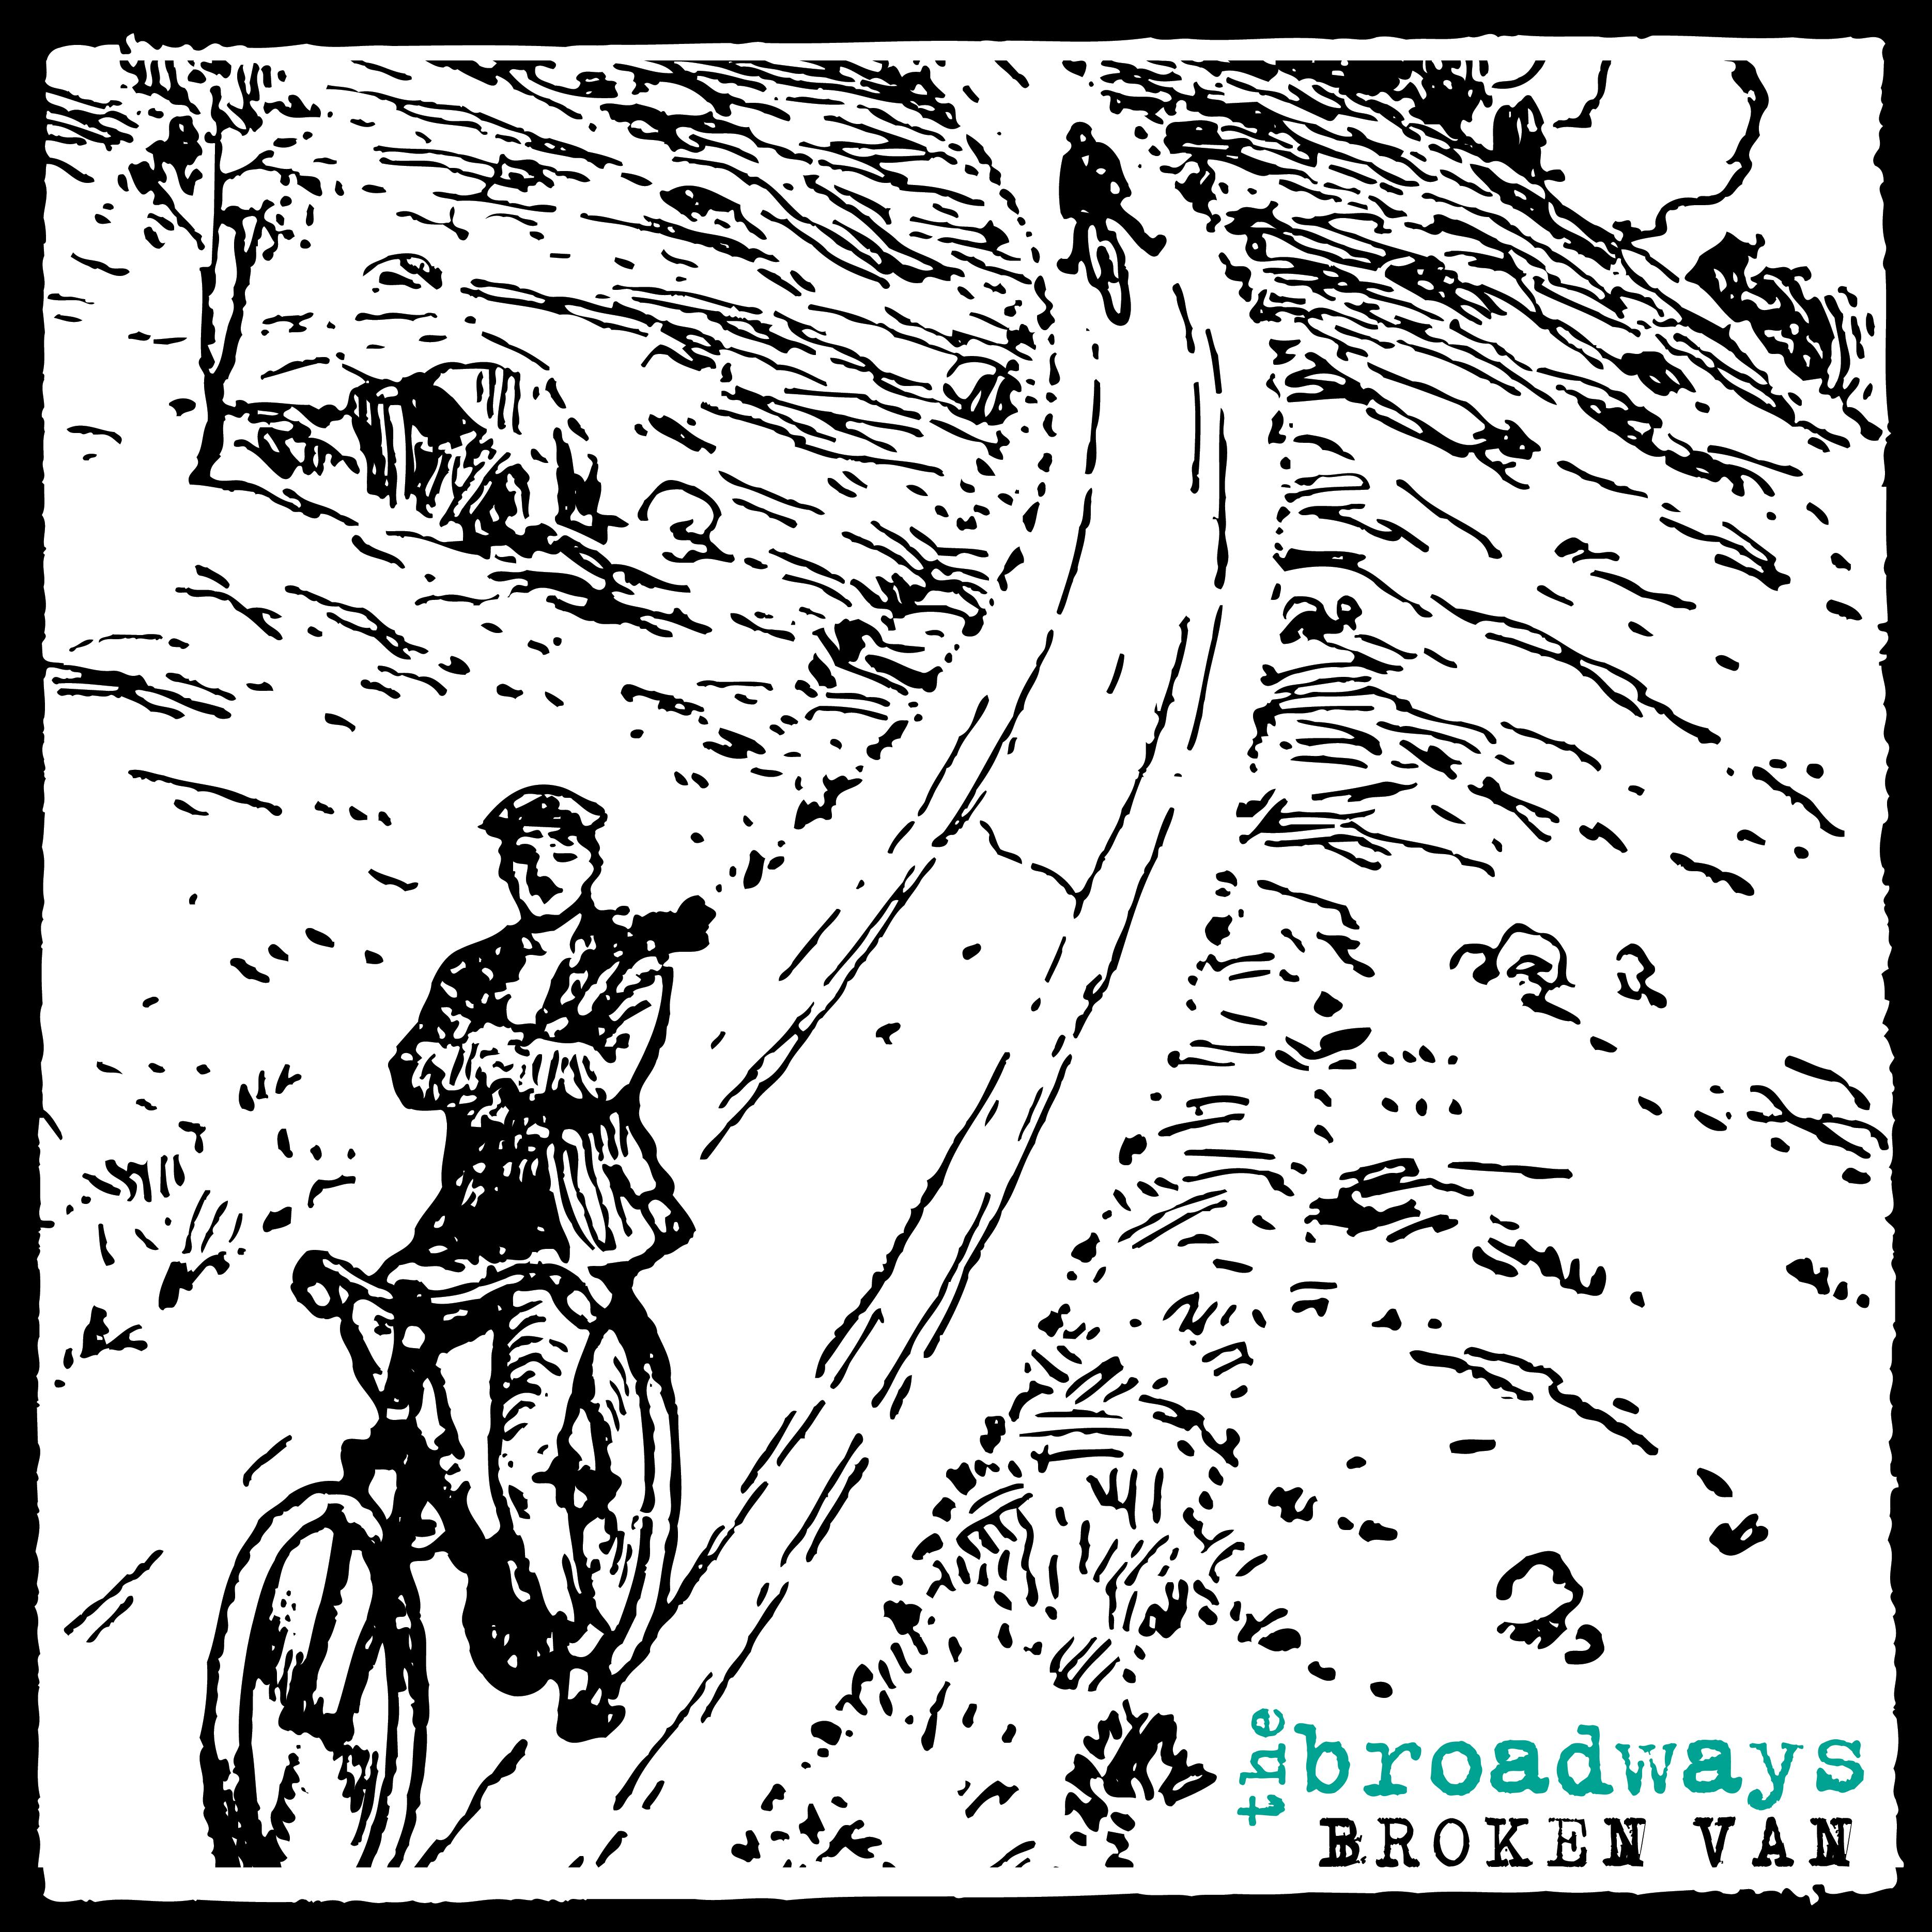 The Broadways - Broken Van LP